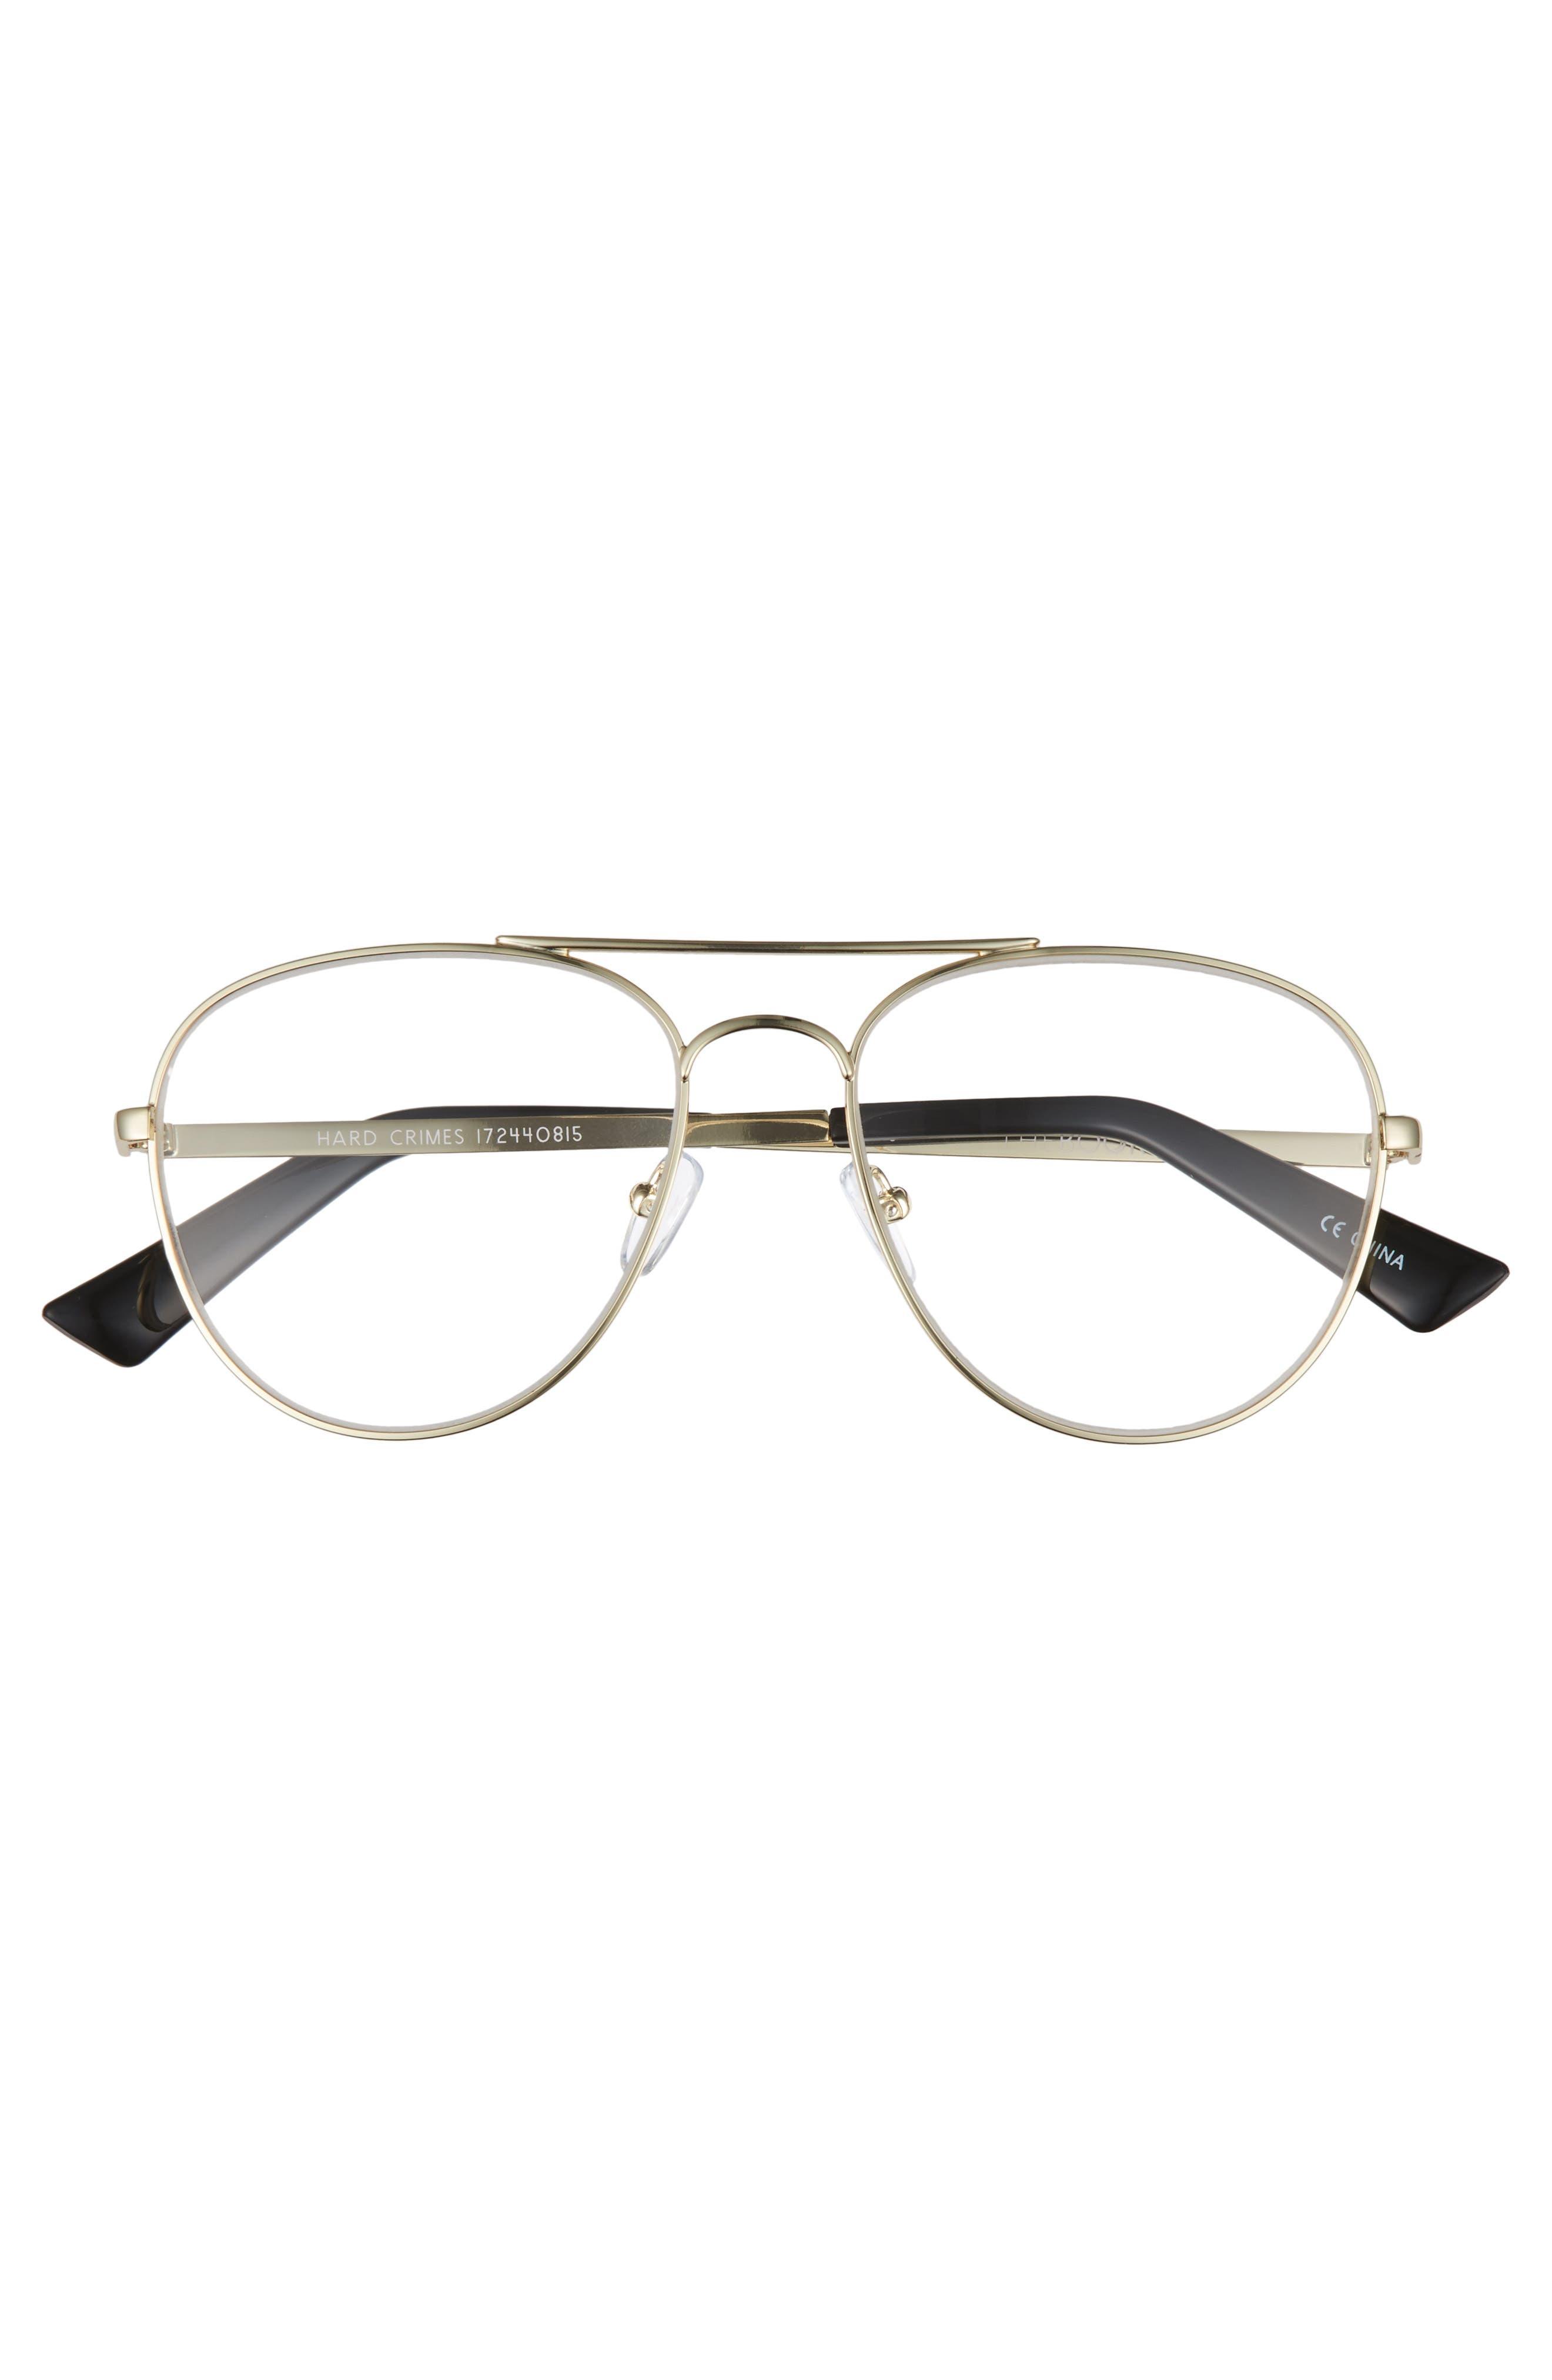 Hard Crimes 55mm Aviator Reading Glasses,                             Alternate thumbnail 3, color,                             Gold/ Black Marker